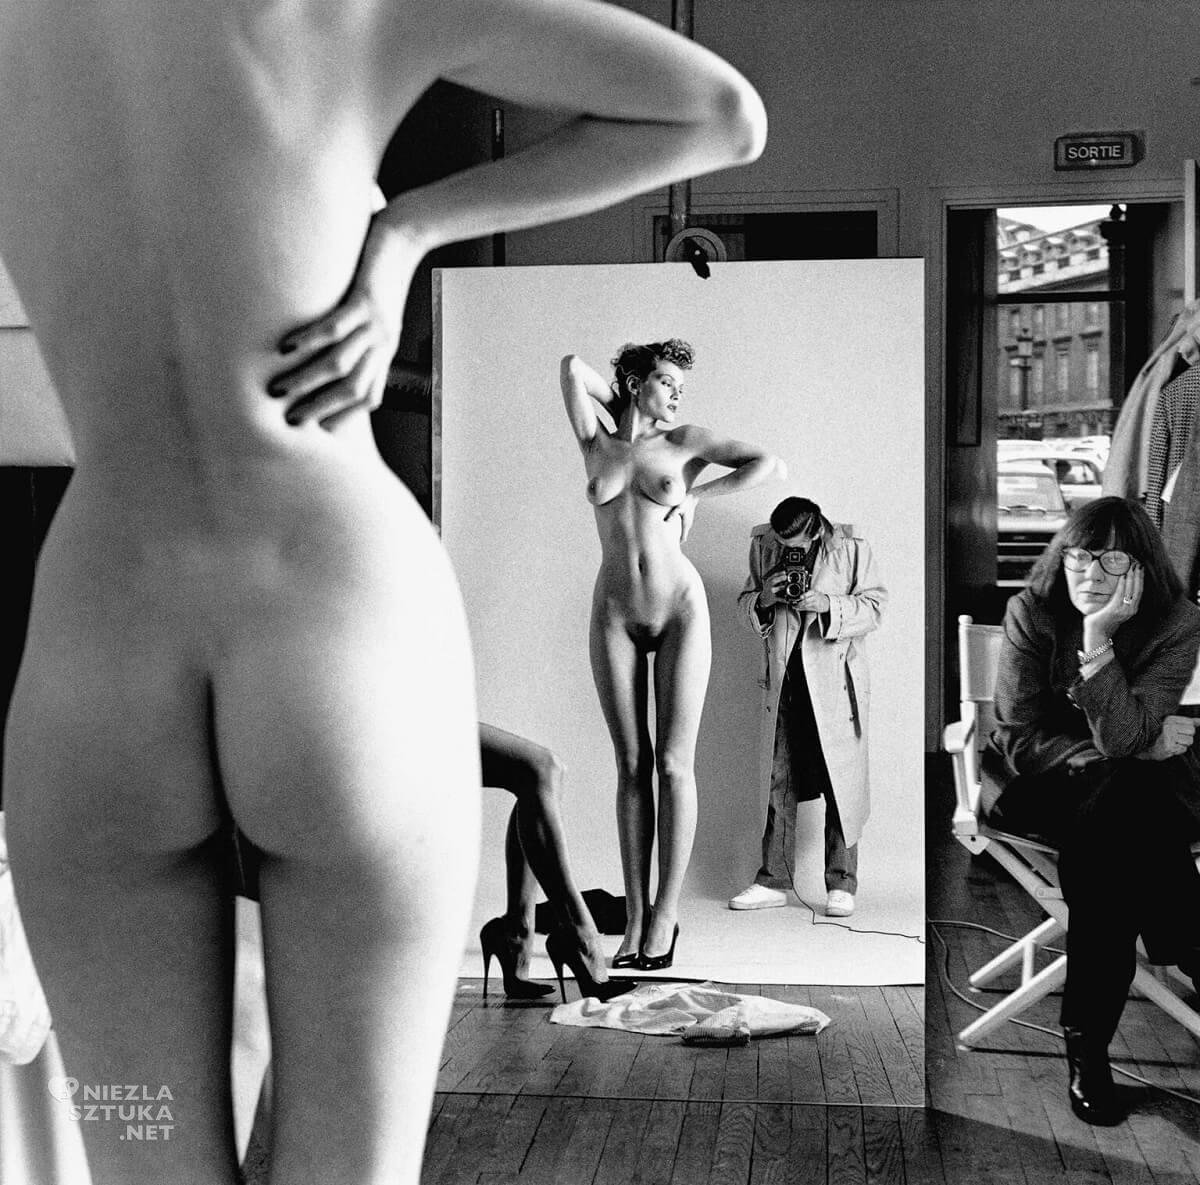 Helmut Newton, Autoportret z żoną i modelkami, fotografia, akt, autoportret, kobiety, Niezła Sztuka